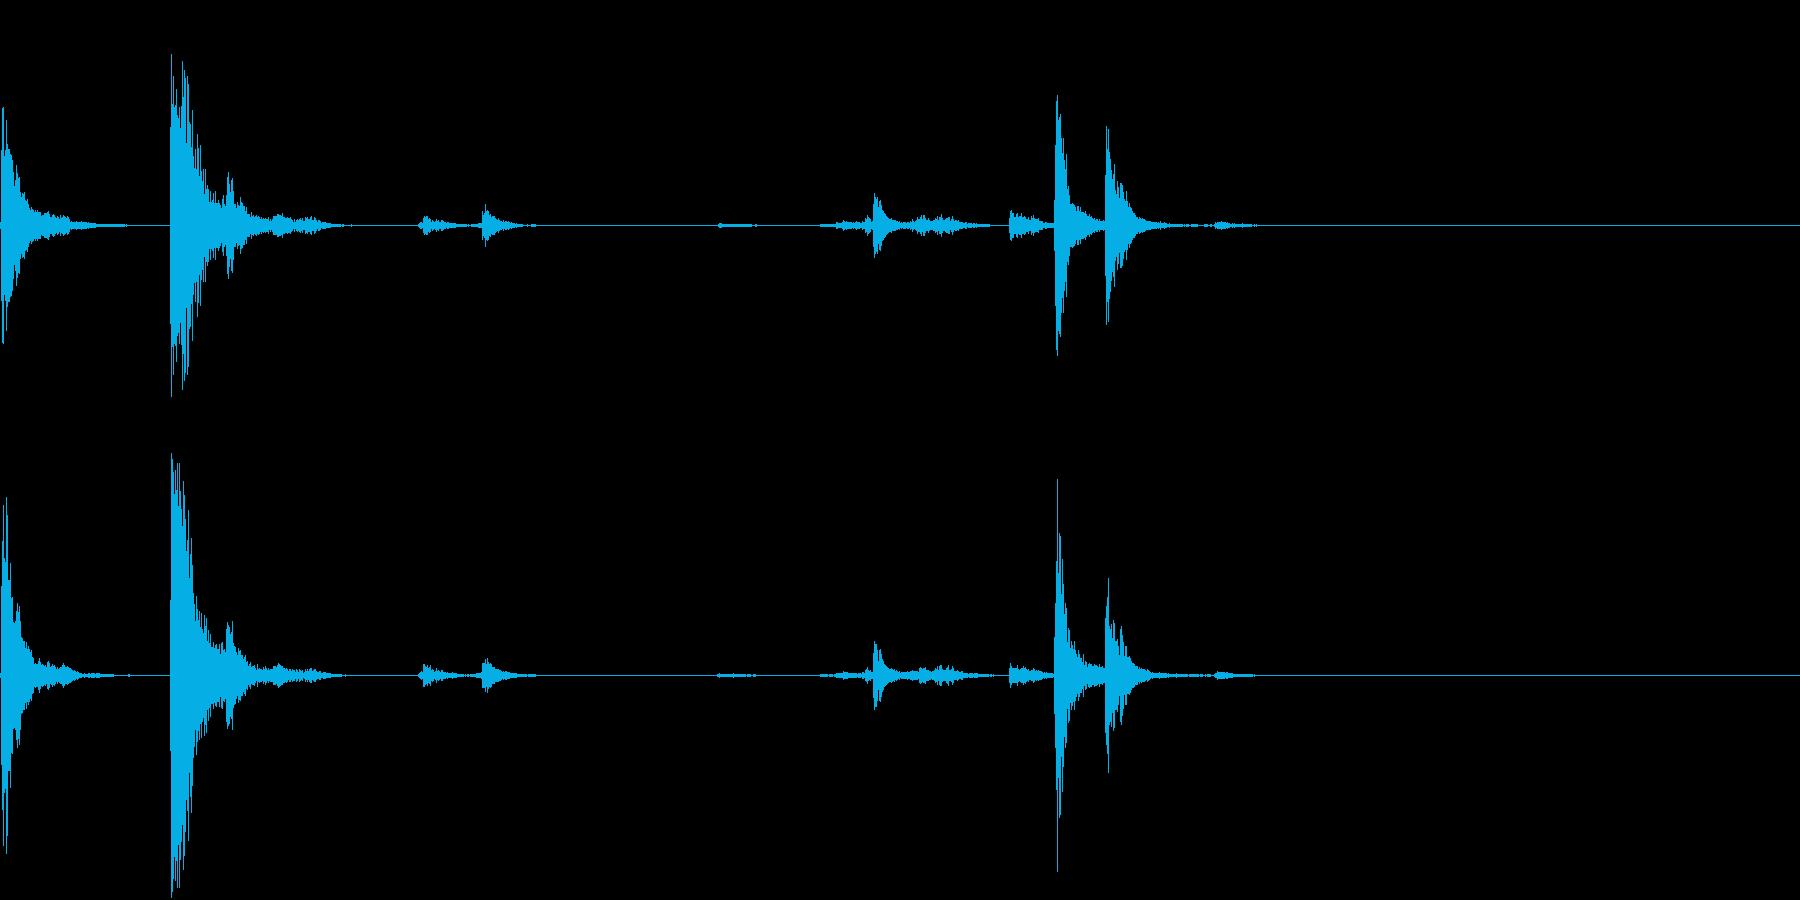 【生録音】猛獣を繋ぐような重厚な鎖の音3の再生済みの波形